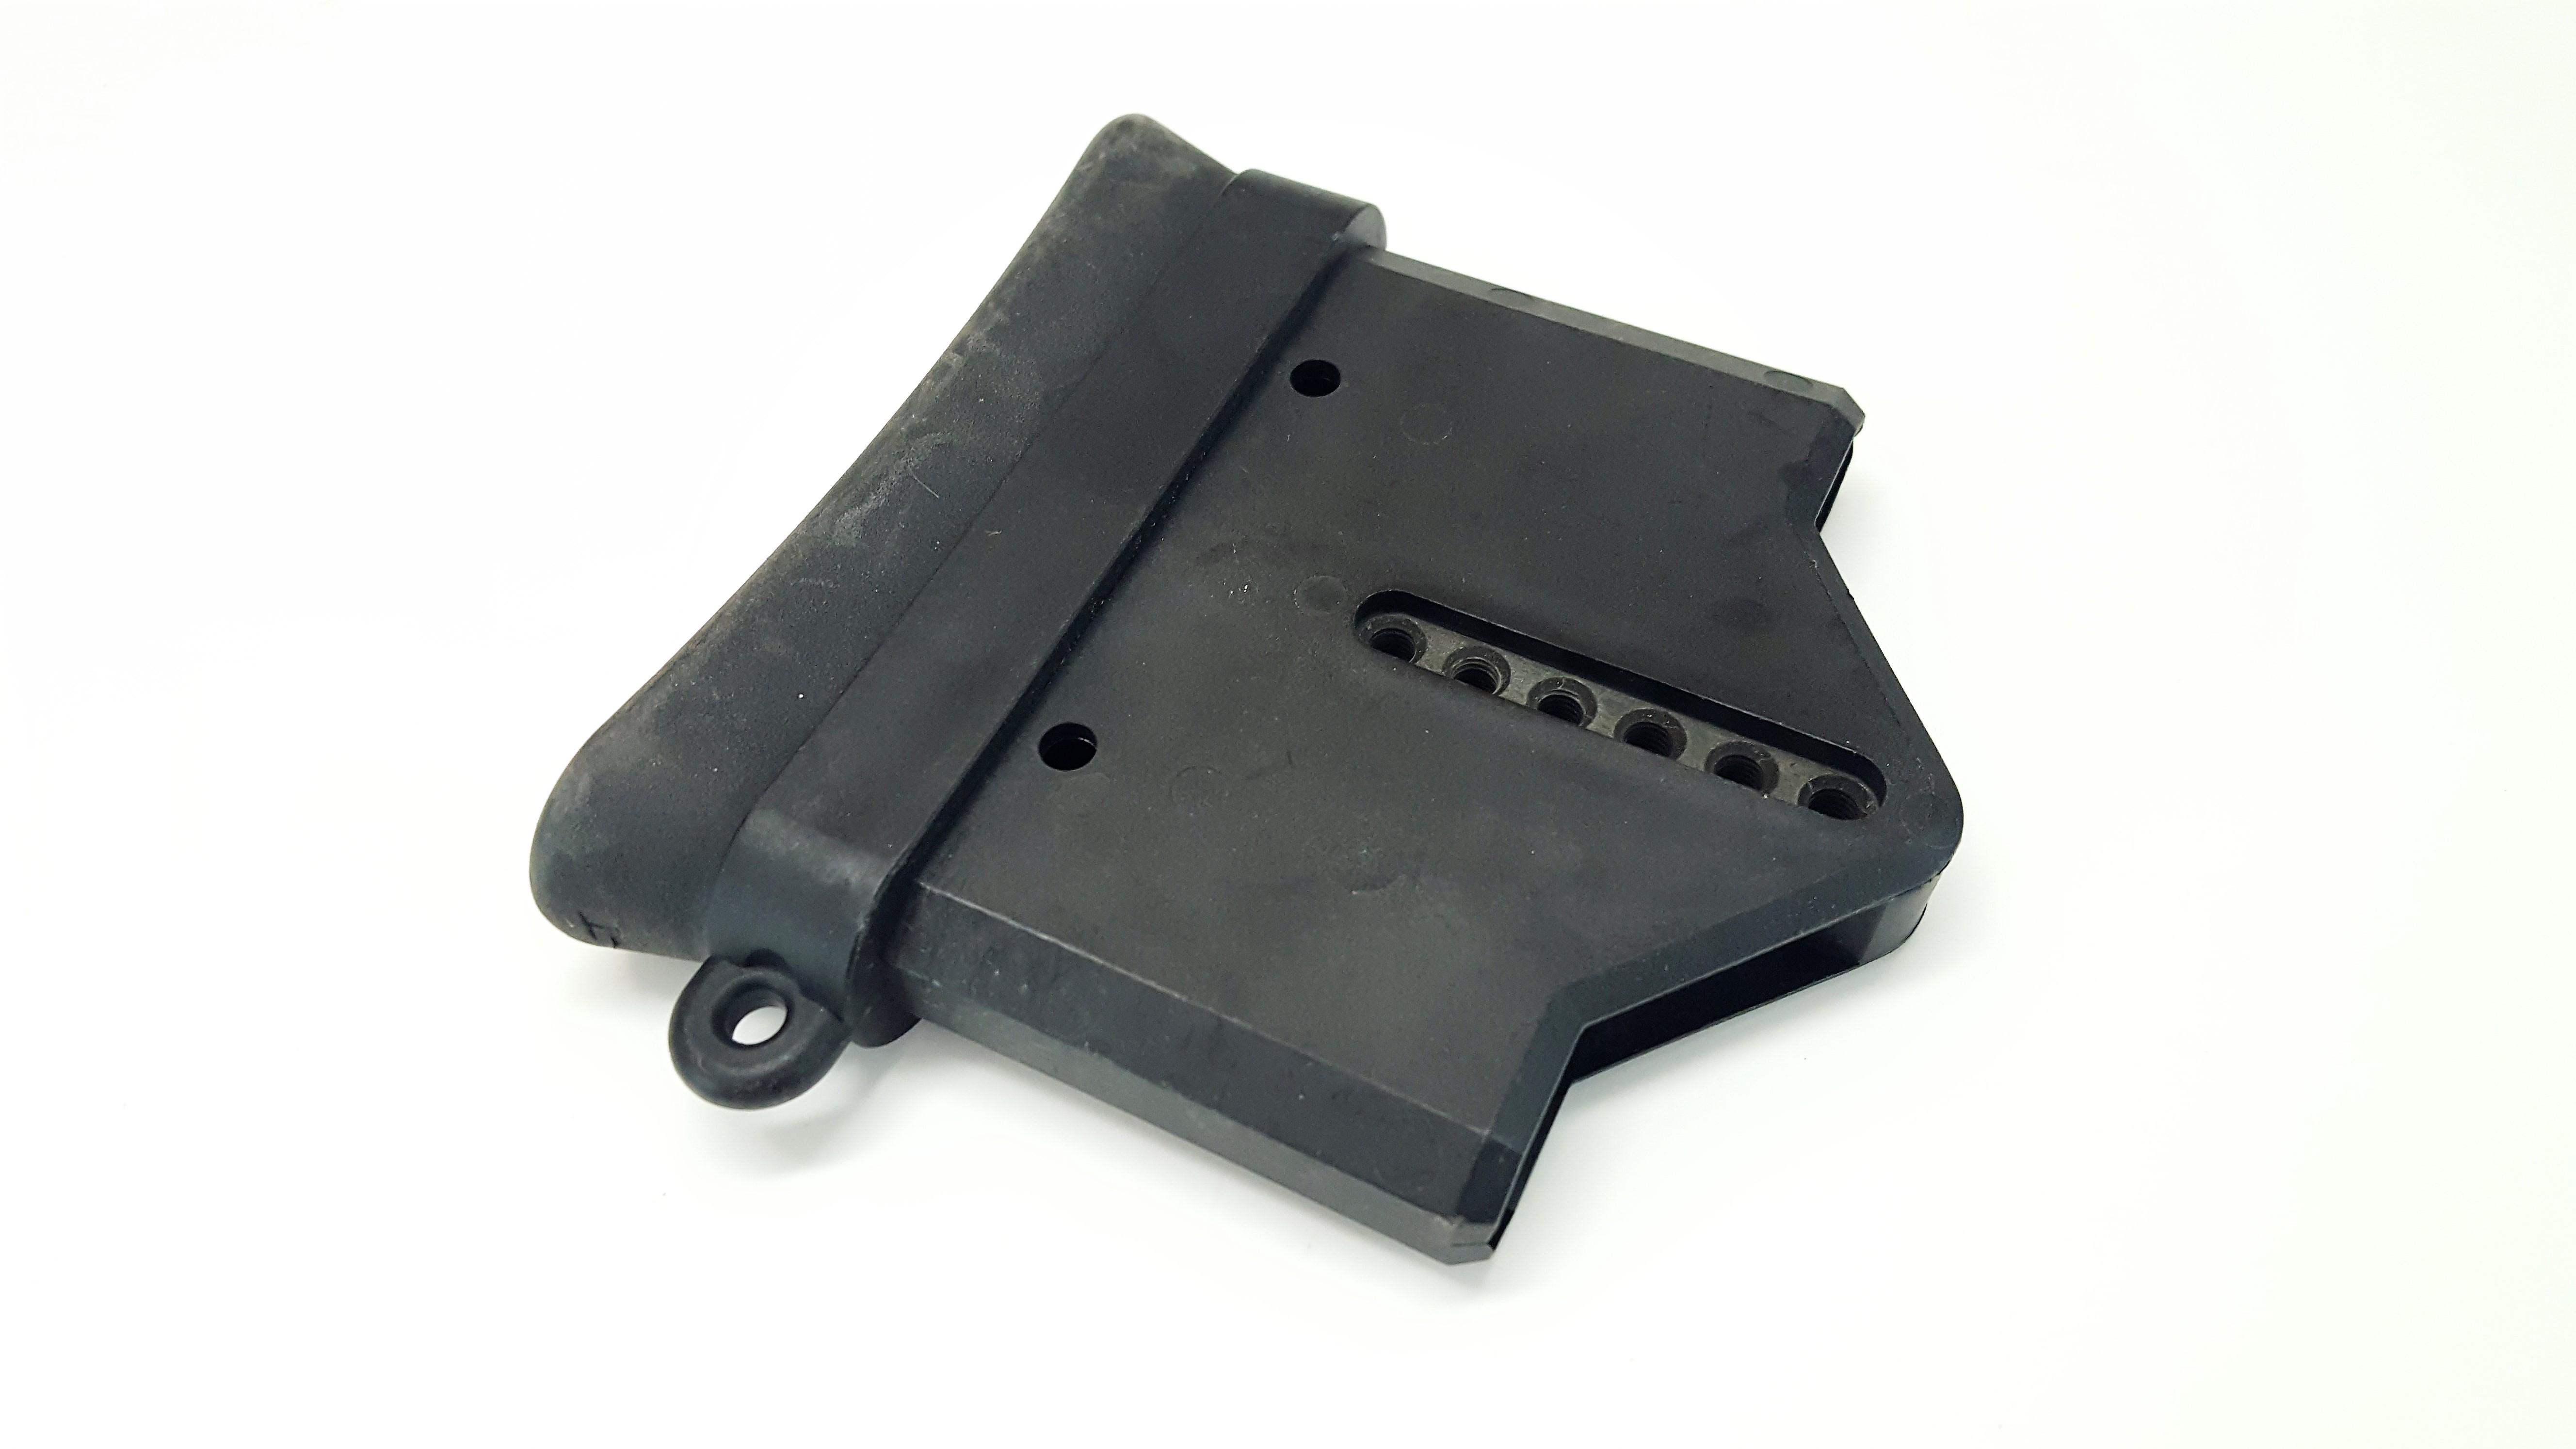 Hk sl8 adjustable buttstock piece used black for Portent g3 sl 8